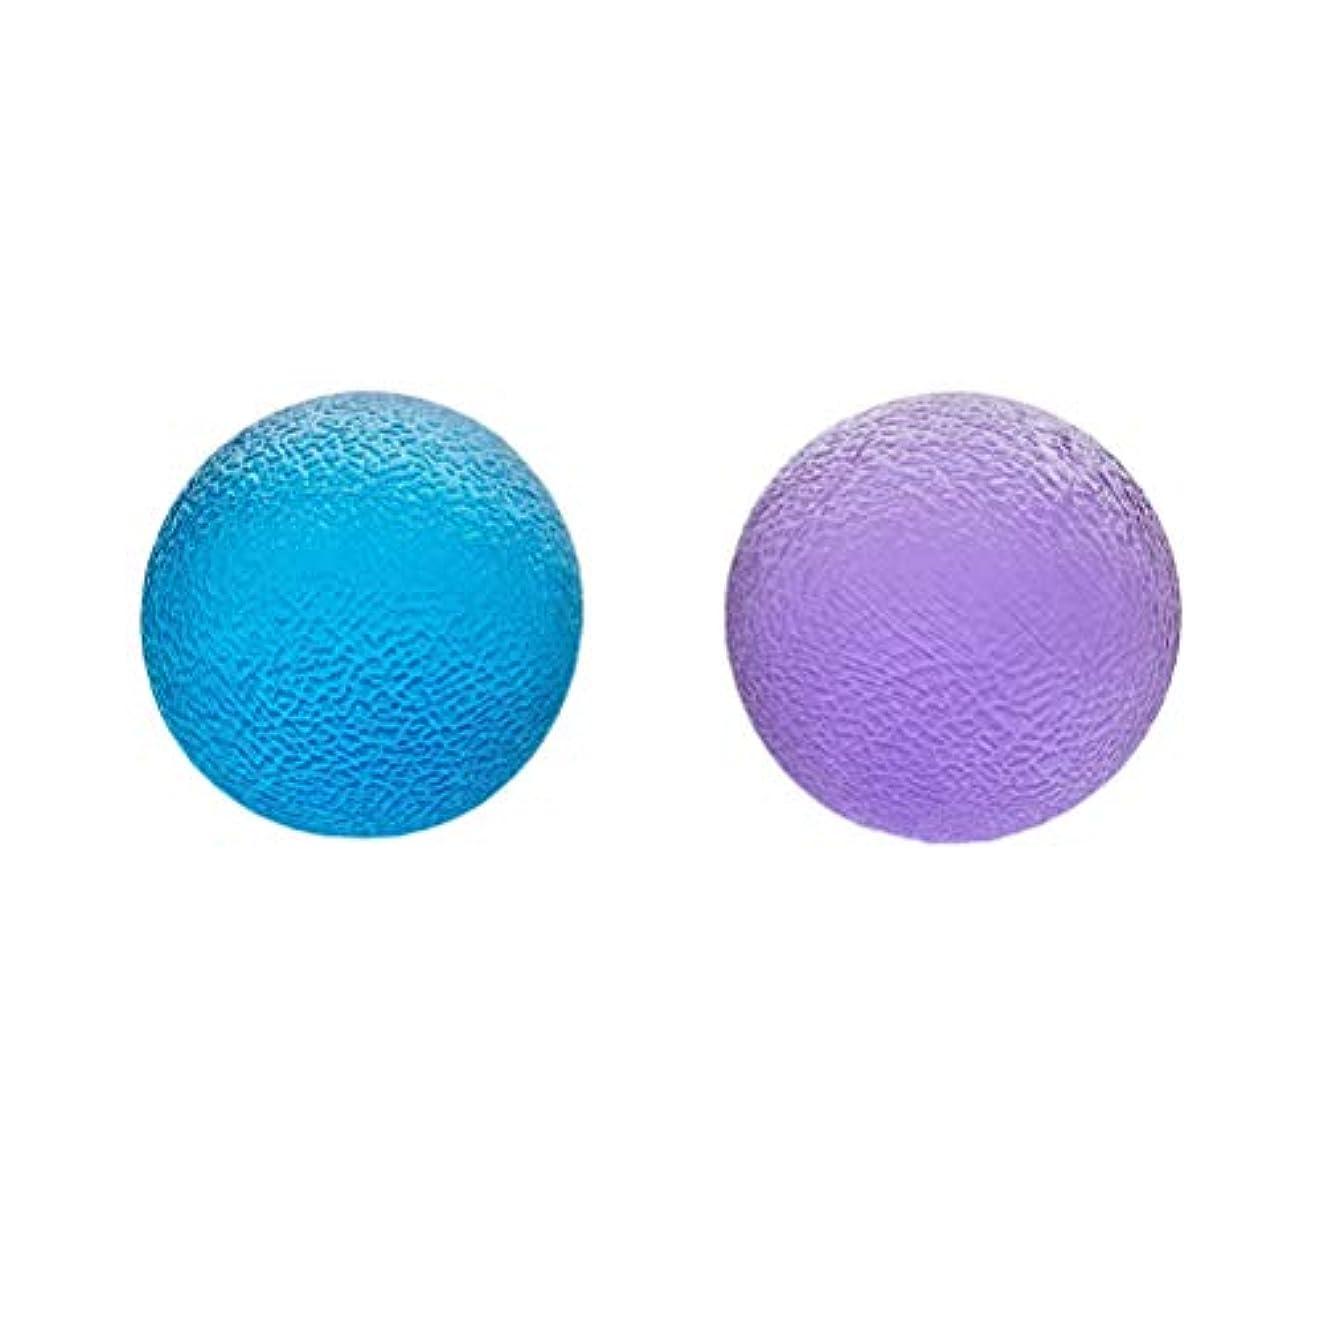 誘惑検索エンジン最適化名前を作るHealifty ハンドストレスボールセラピーボールストレス解消のためにハンドグリップボールを絞る関節炎の痛みを軽減するセラピー強化治療2個(青と紫)